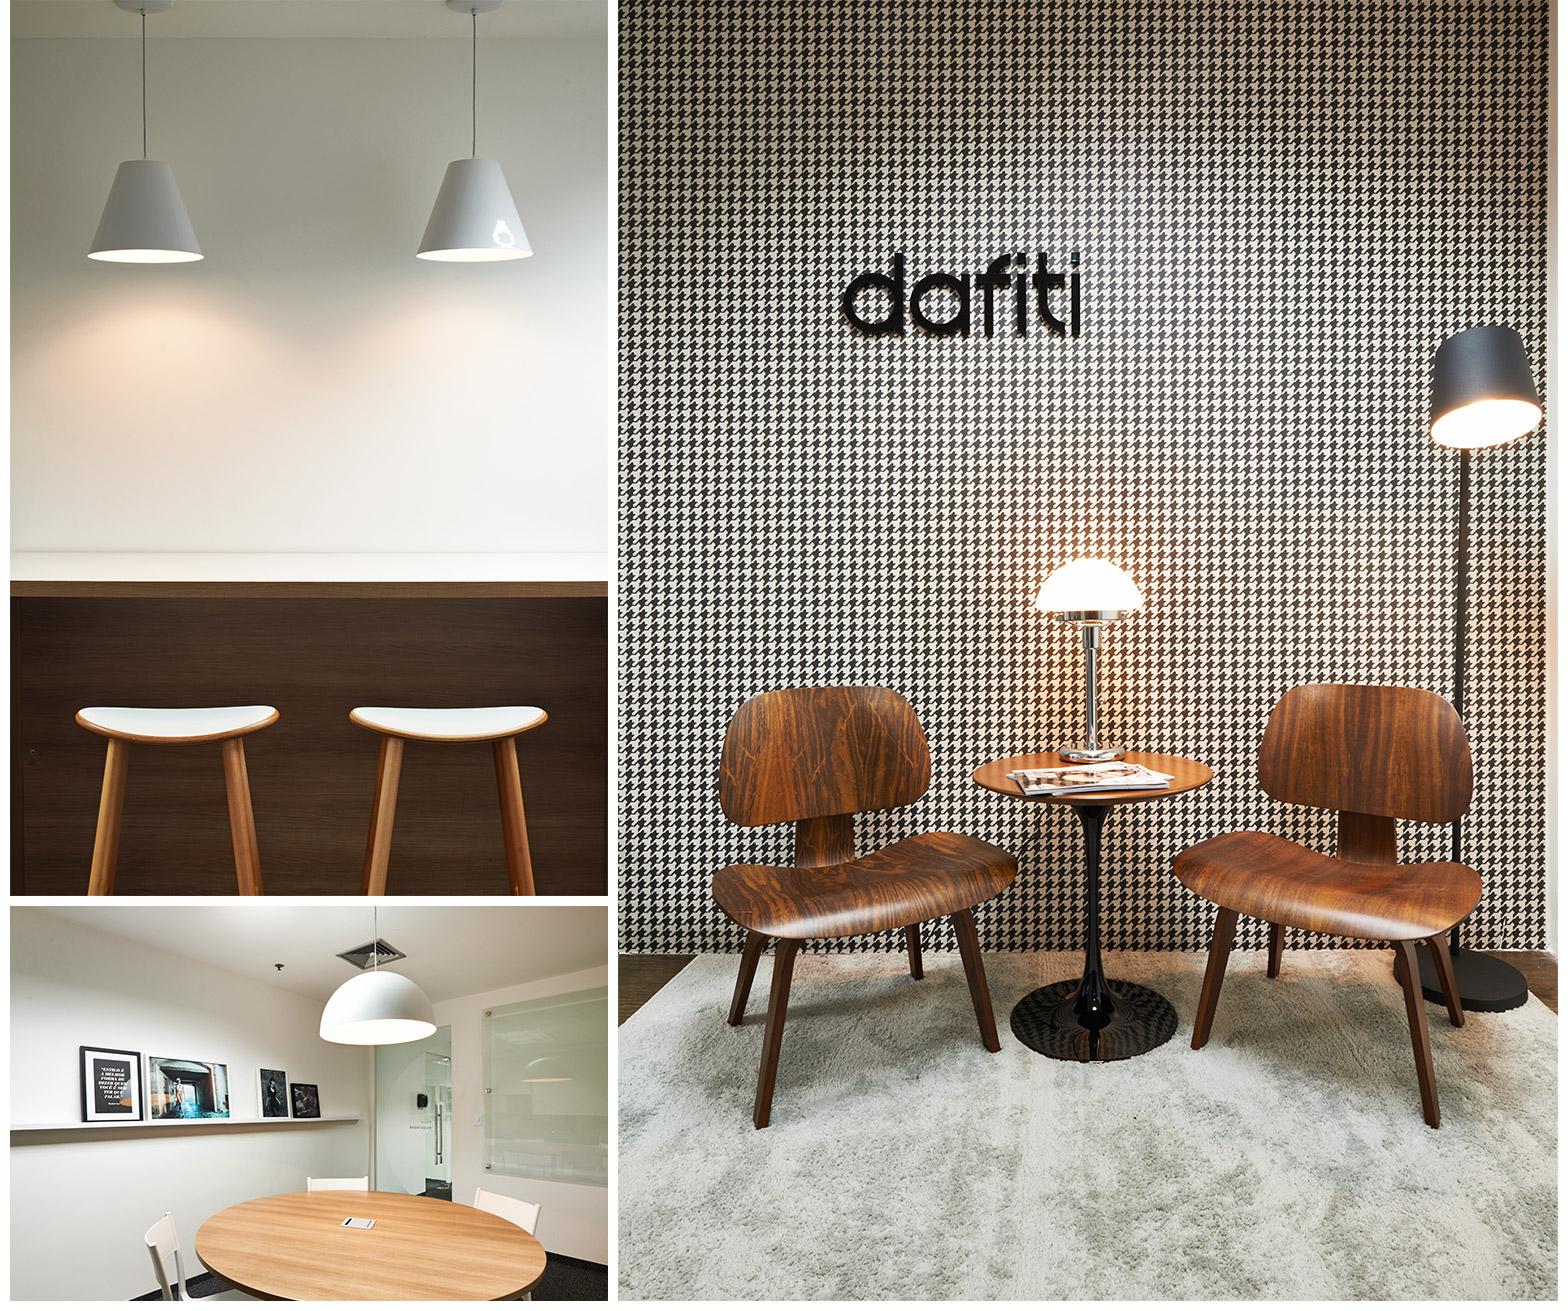 dafiti_02